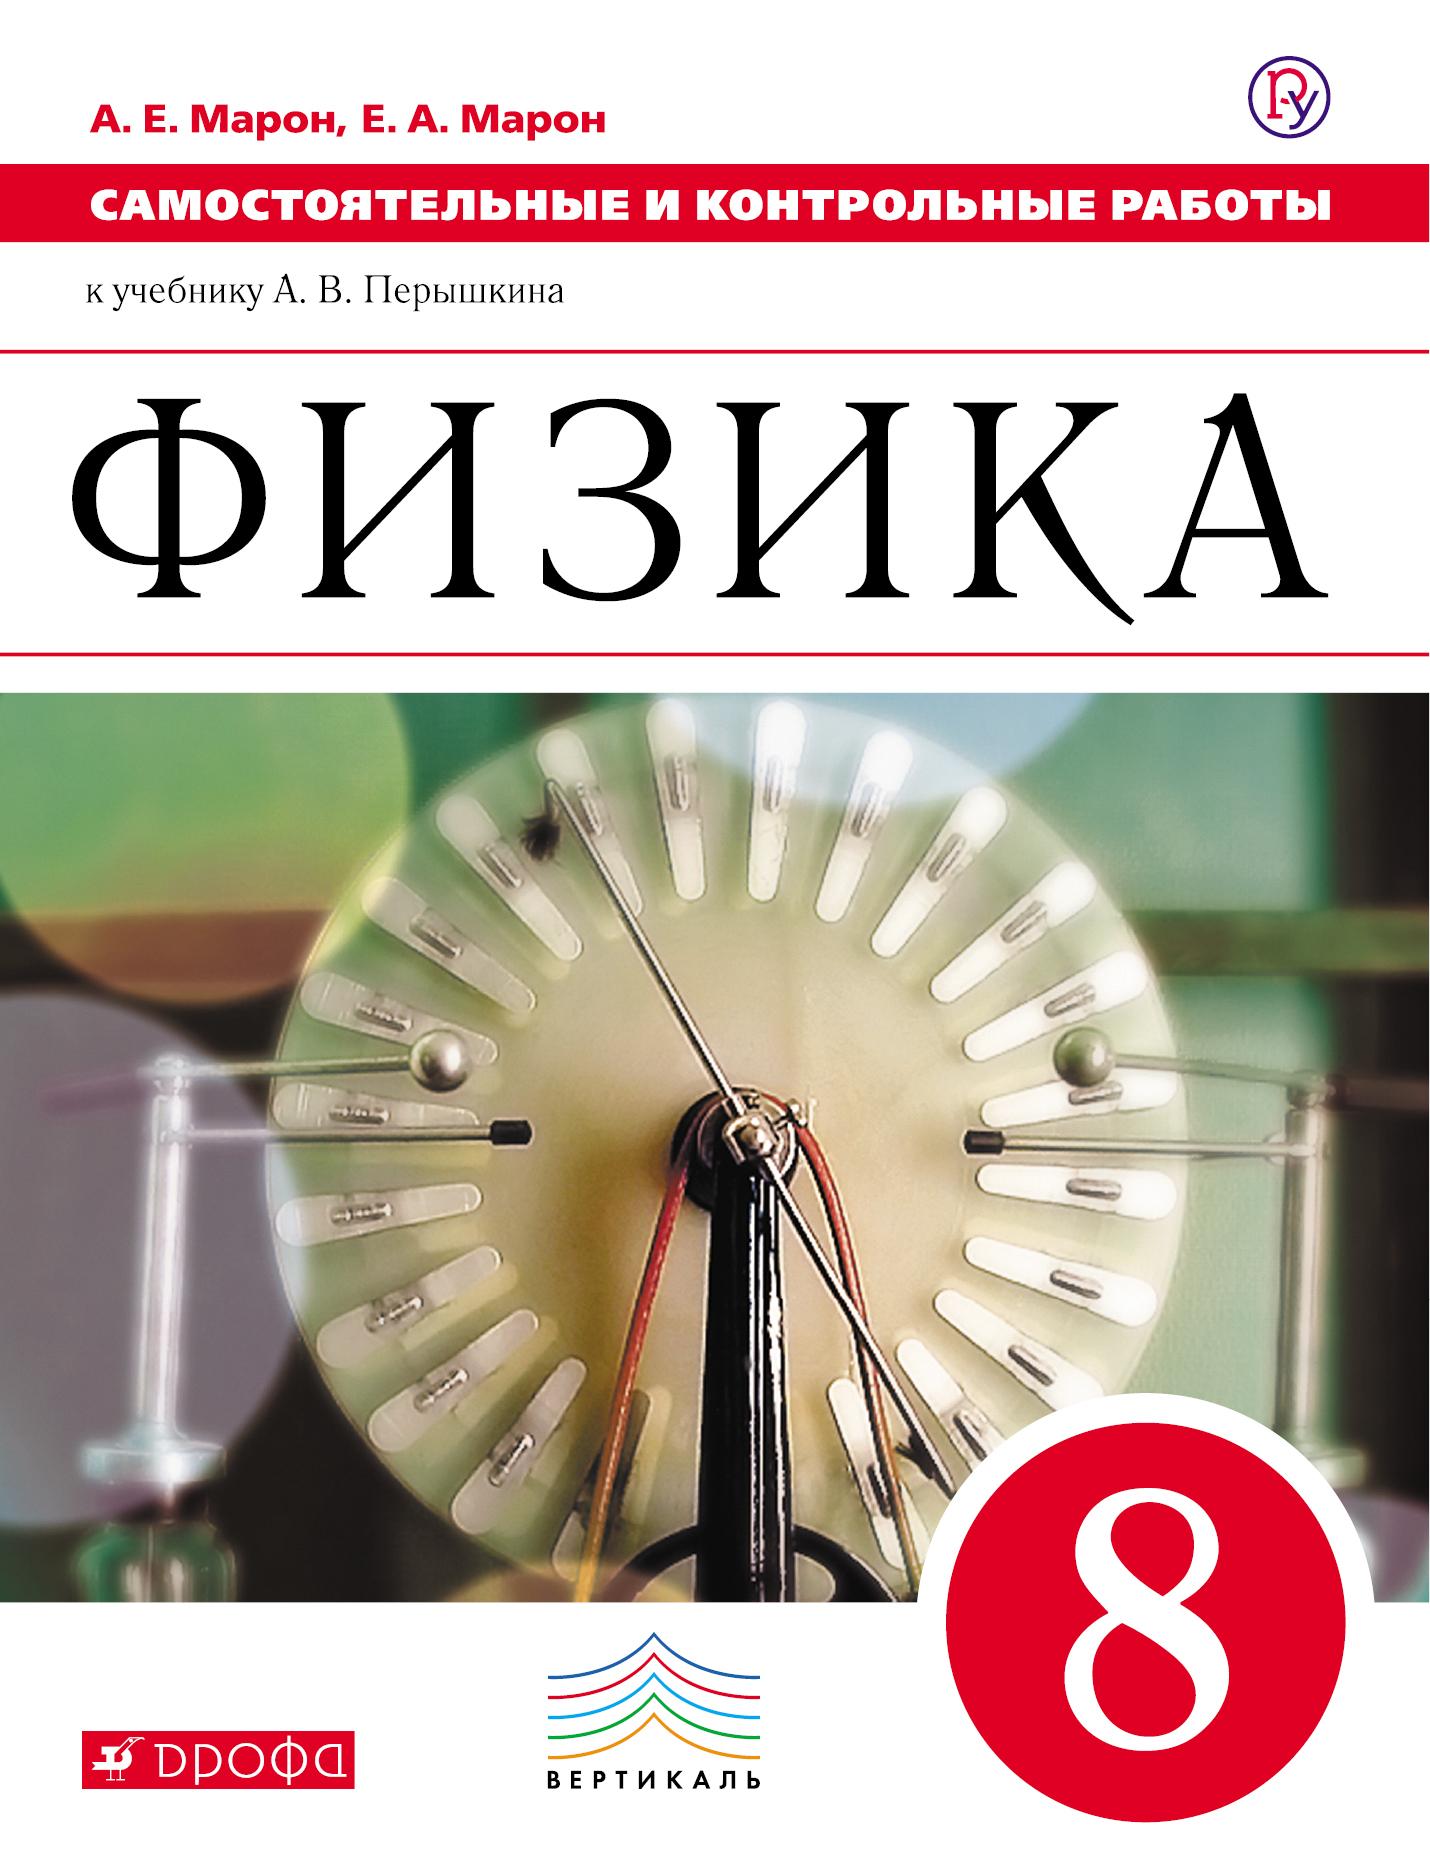 Самостоятельные и контрольные работы. Физика. 8 класс. от book24.ru